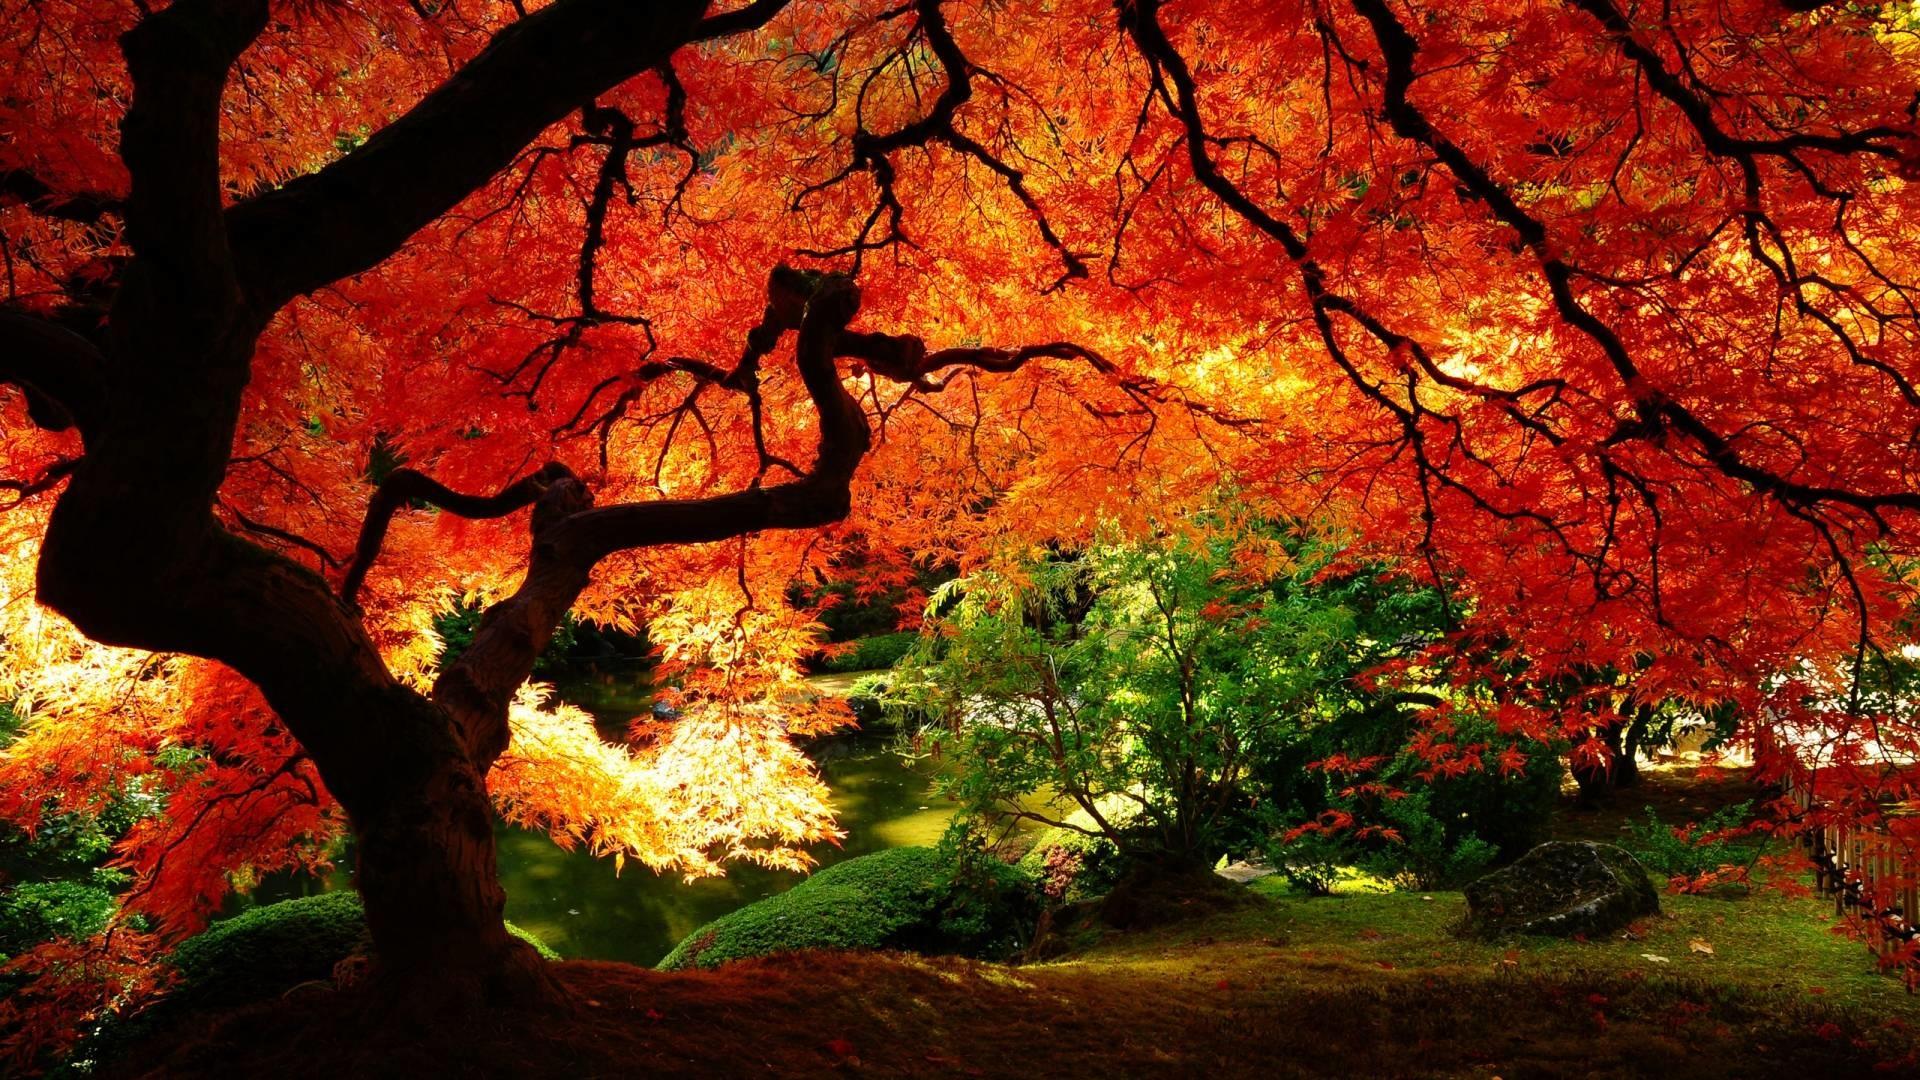 Desktop Wallpaper Fall Scenes ·â'